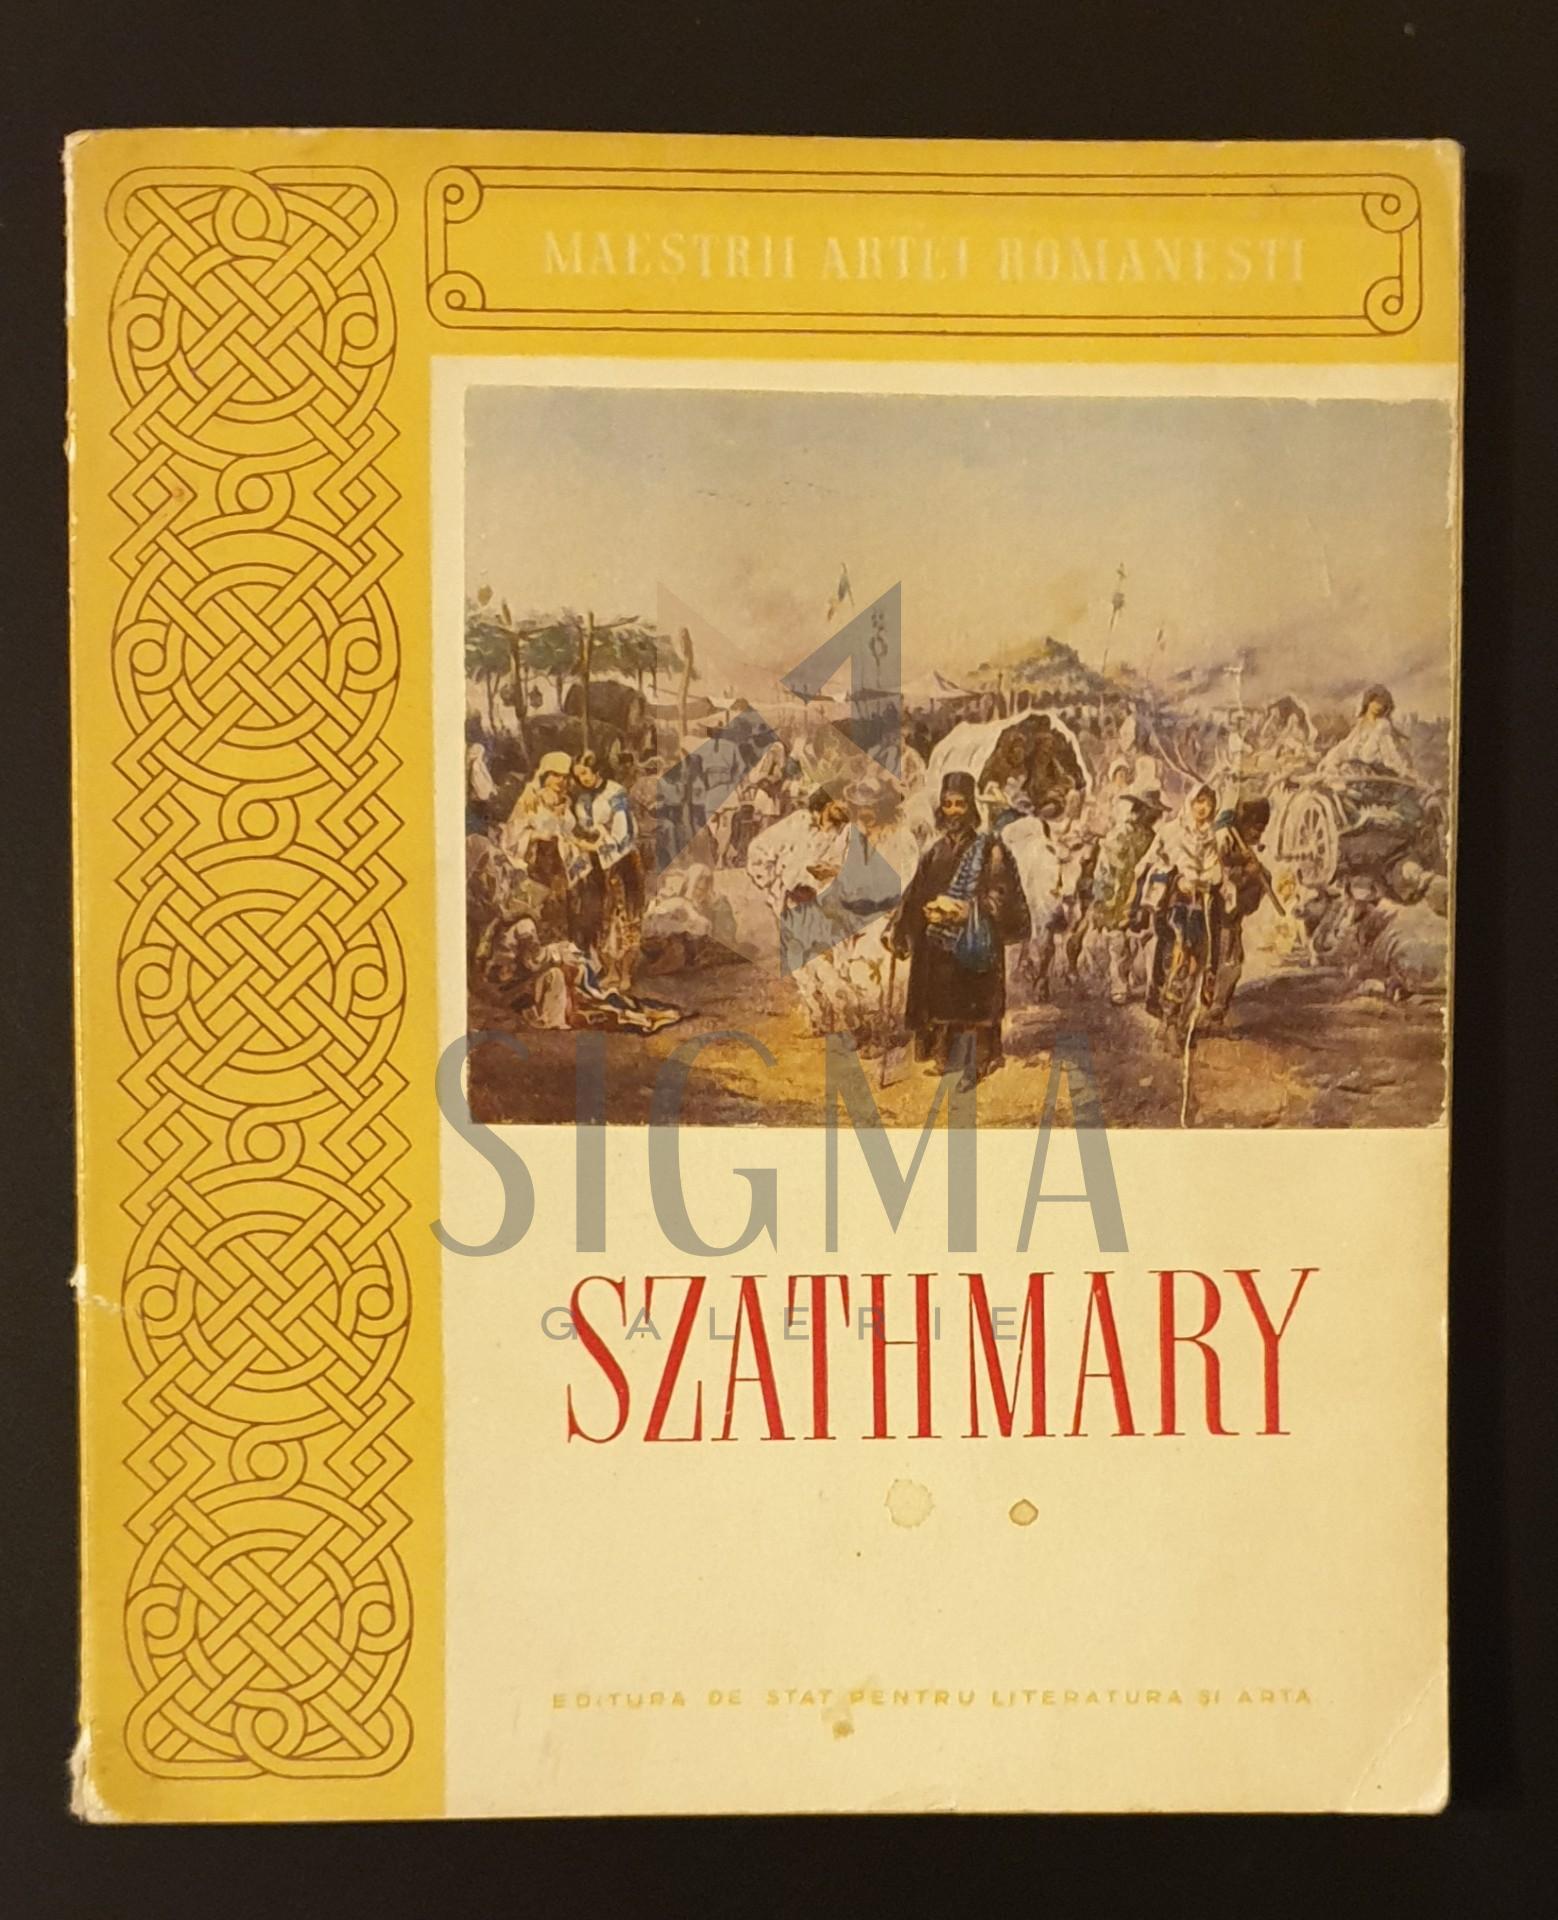 Szathmary